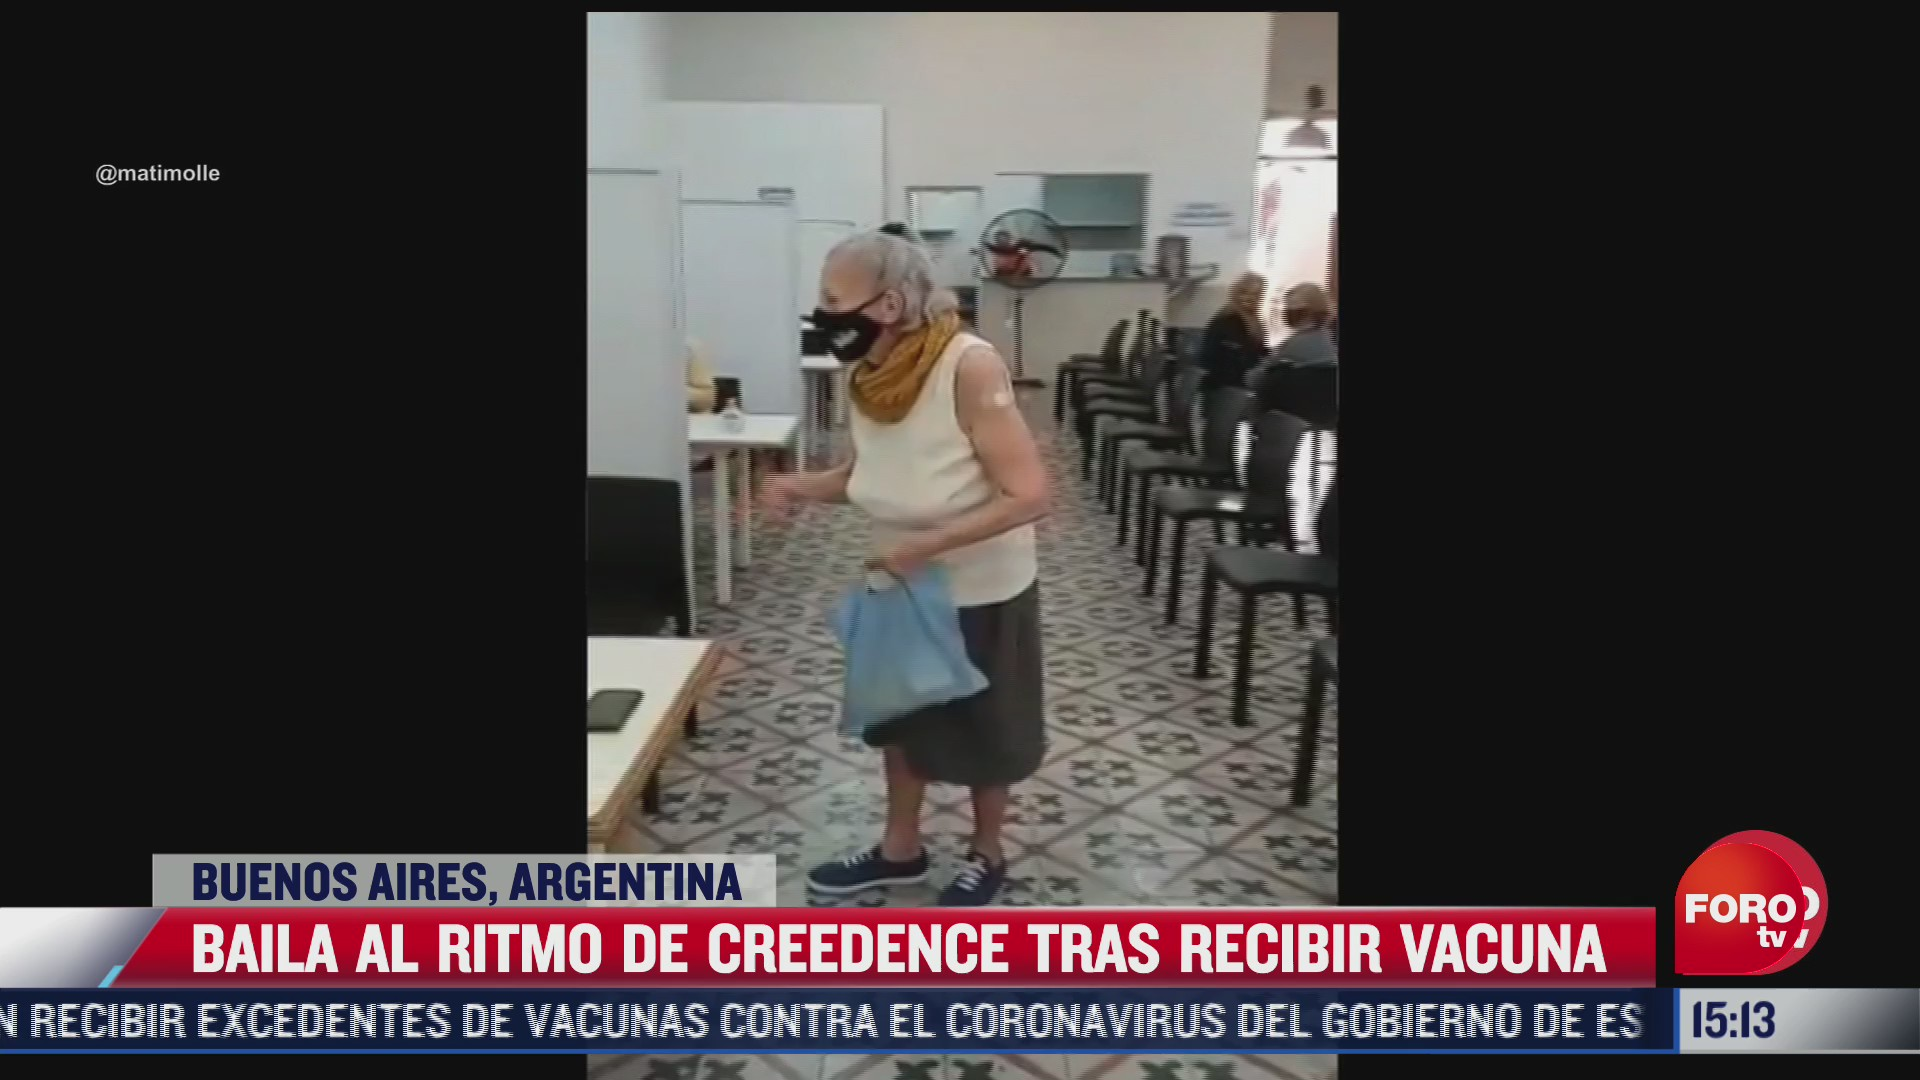 abuelita baila tras recibir vacuna covid en argentina